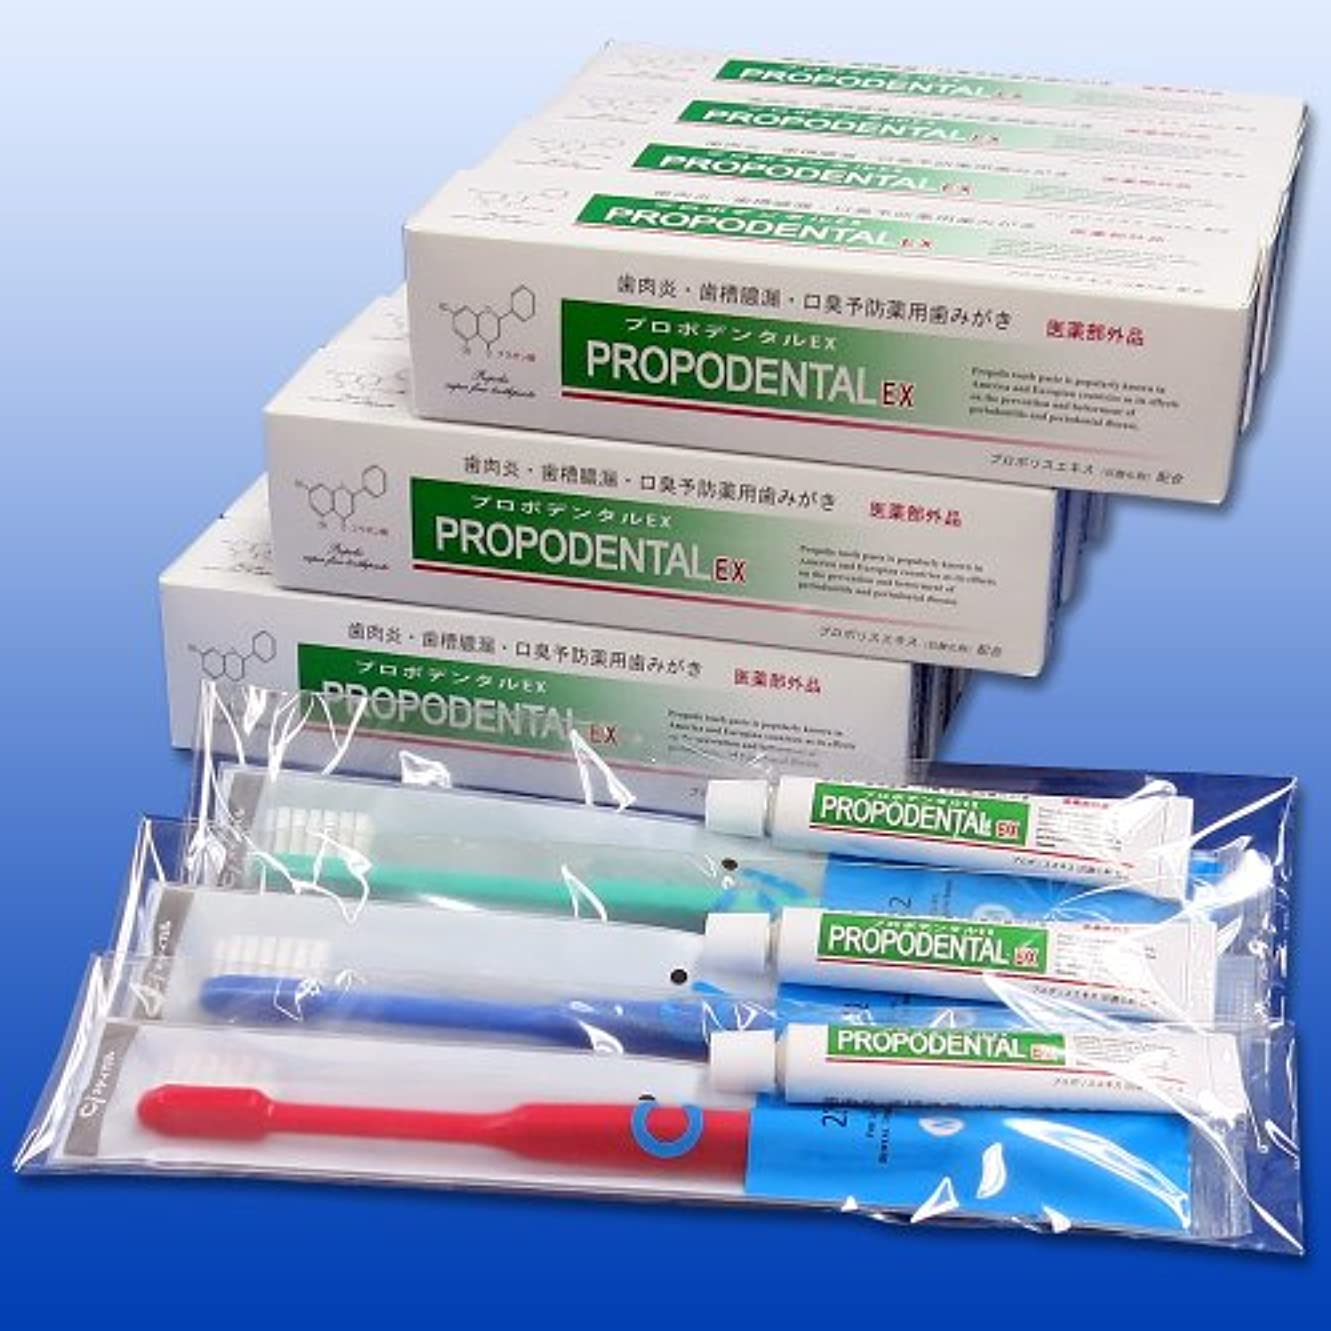 些細デイジー公平プロポデンタルEX(80g)12本セット+ハブラシセット 3セット【歯周病】歯磨き粉 プロポリス配合薬用歯みがき 口臭ケア